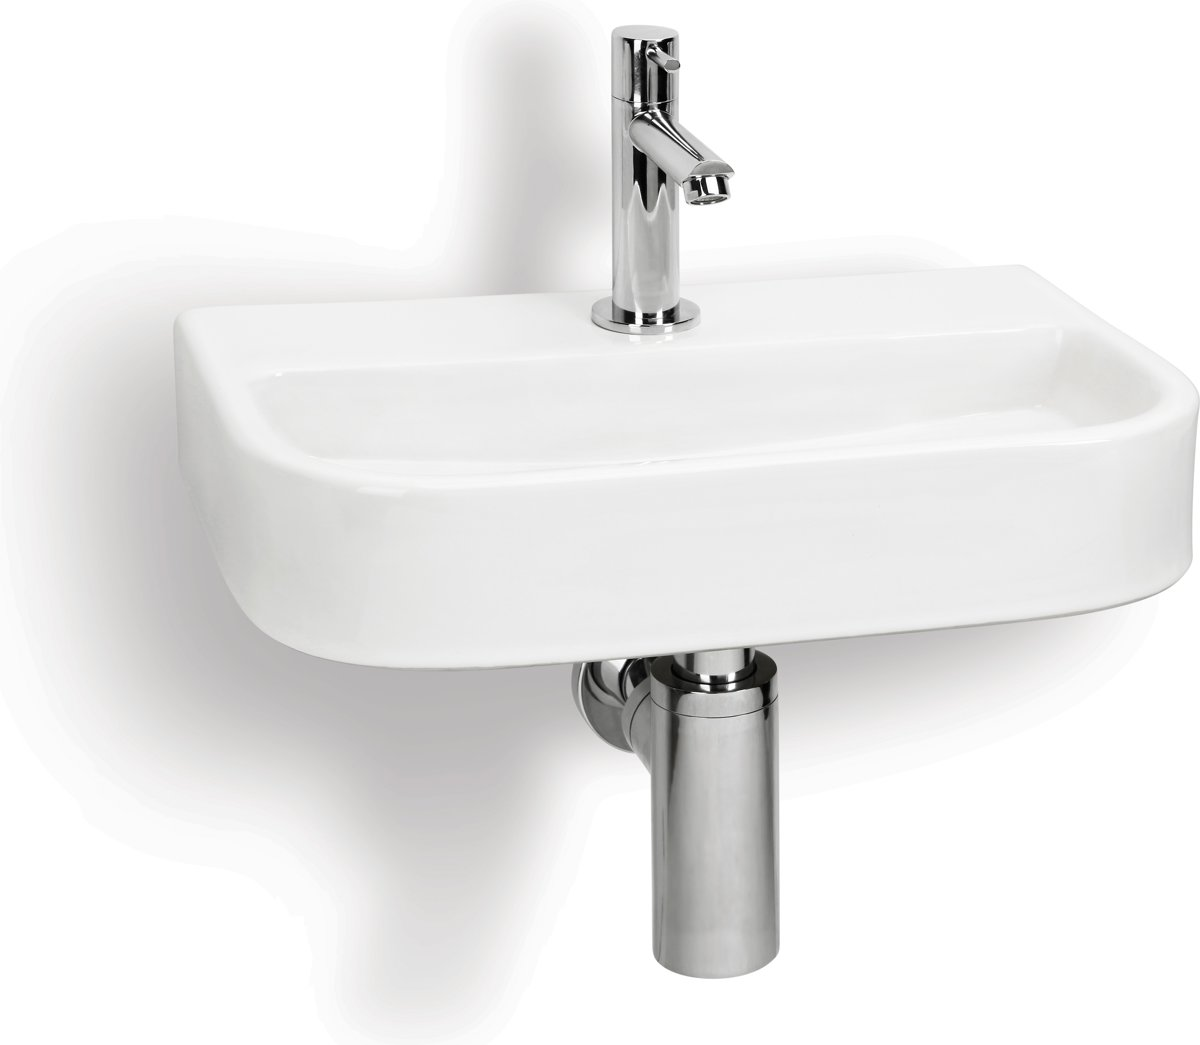 Differnz Ovale Small Fontein Toilet - Set - Fontein 38 x 24 cm inclusief fonteinkraan en sifon - Keramiek - Wit kopen